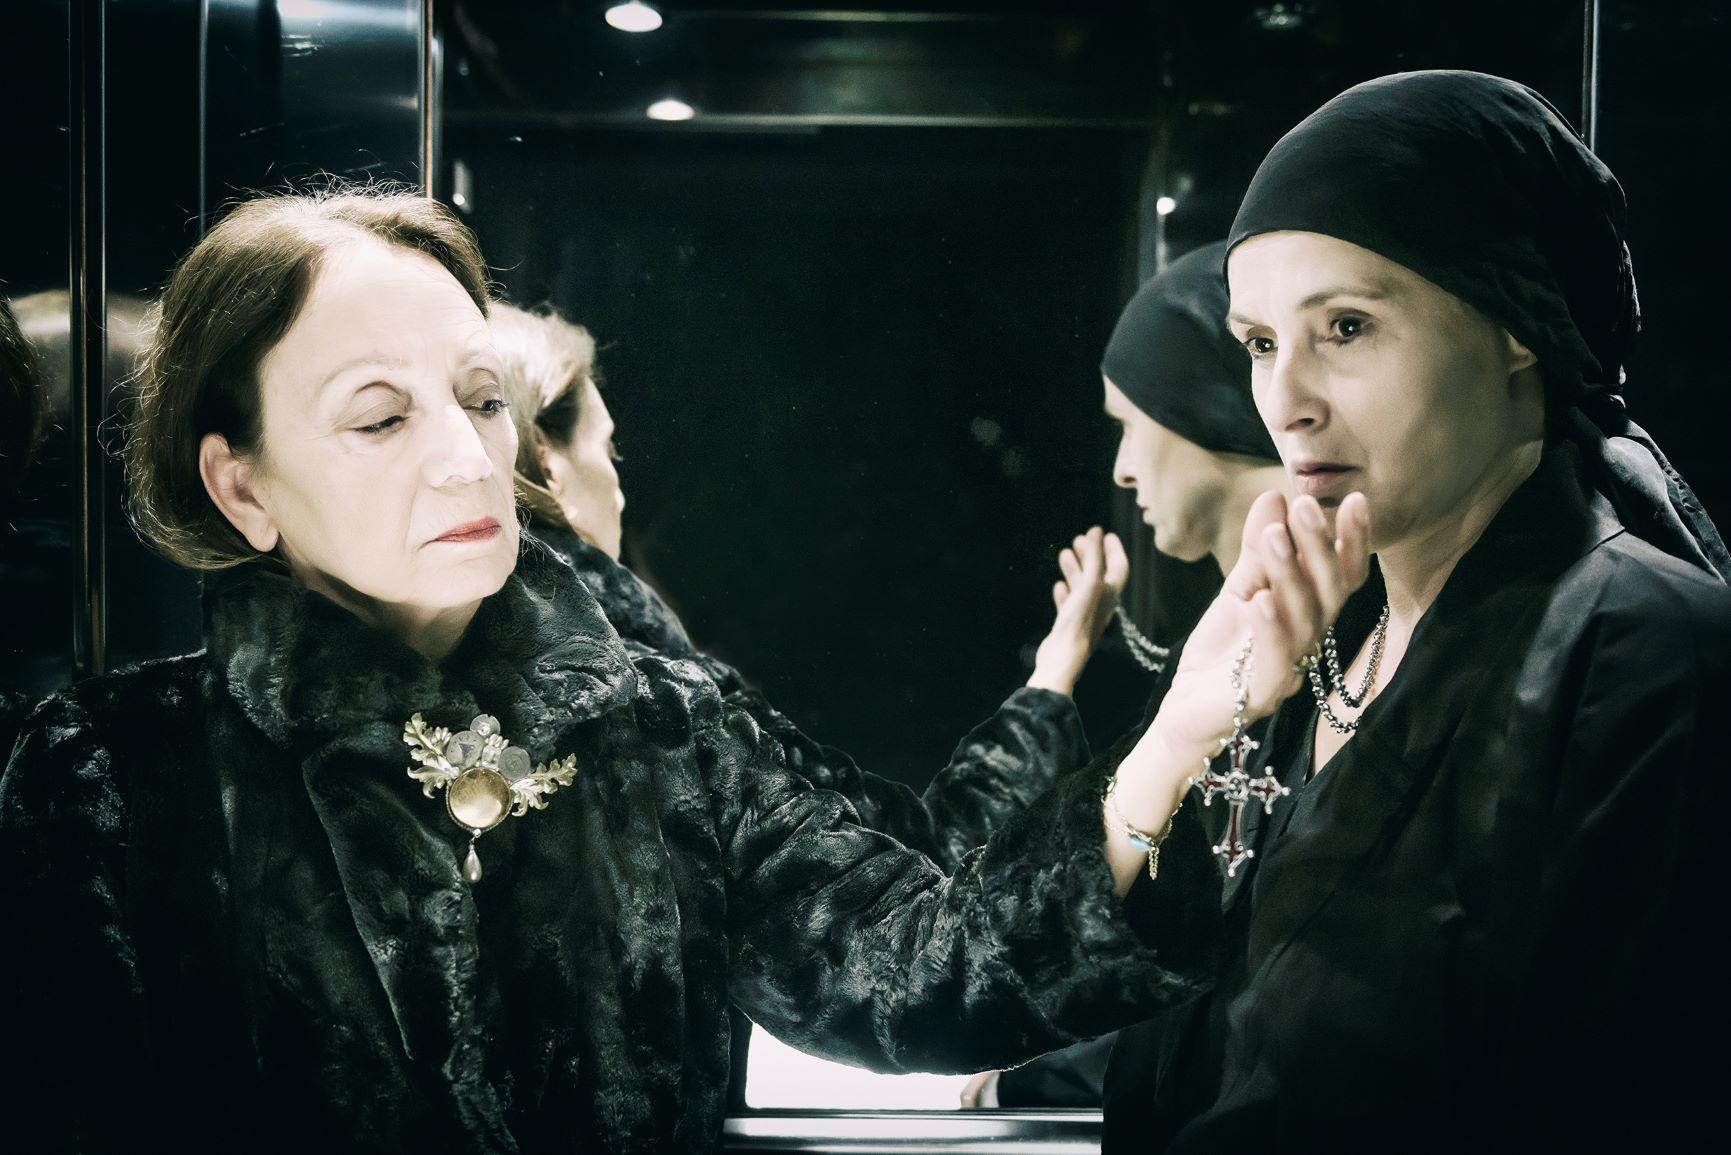 Μαρία Στιούαρτ σε σκηνοθεσία Άντζελας Μπρούσκου